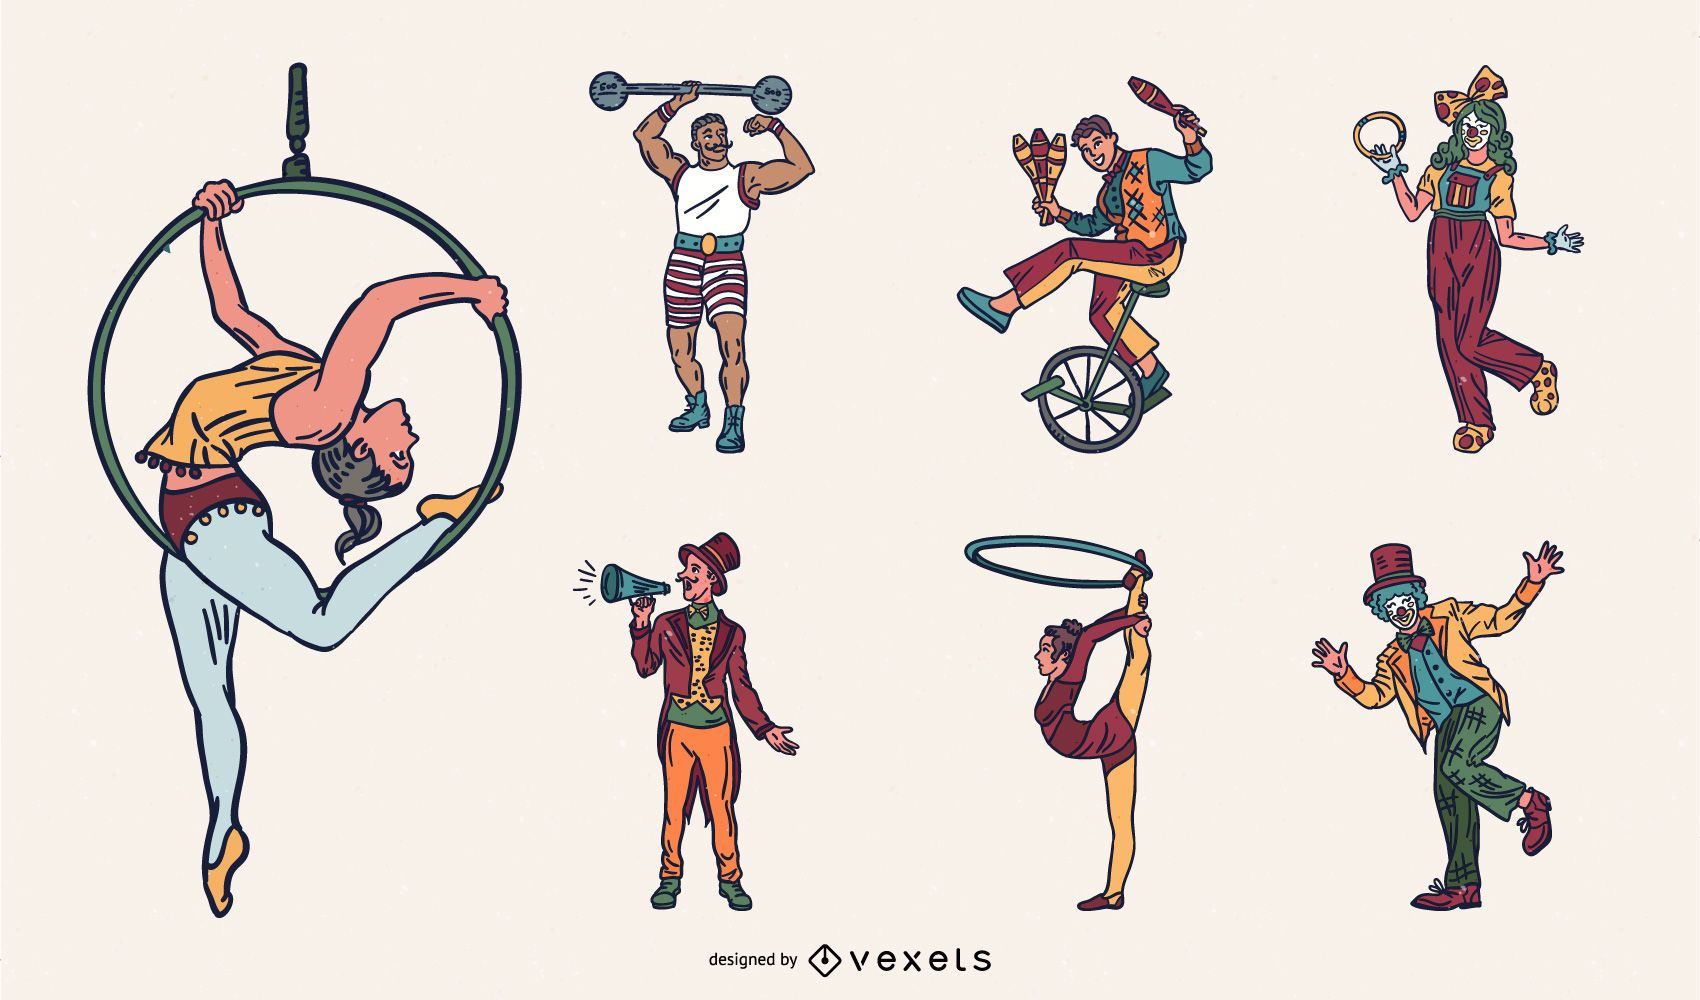 Pacote de Design do Artista de Circo Colorido